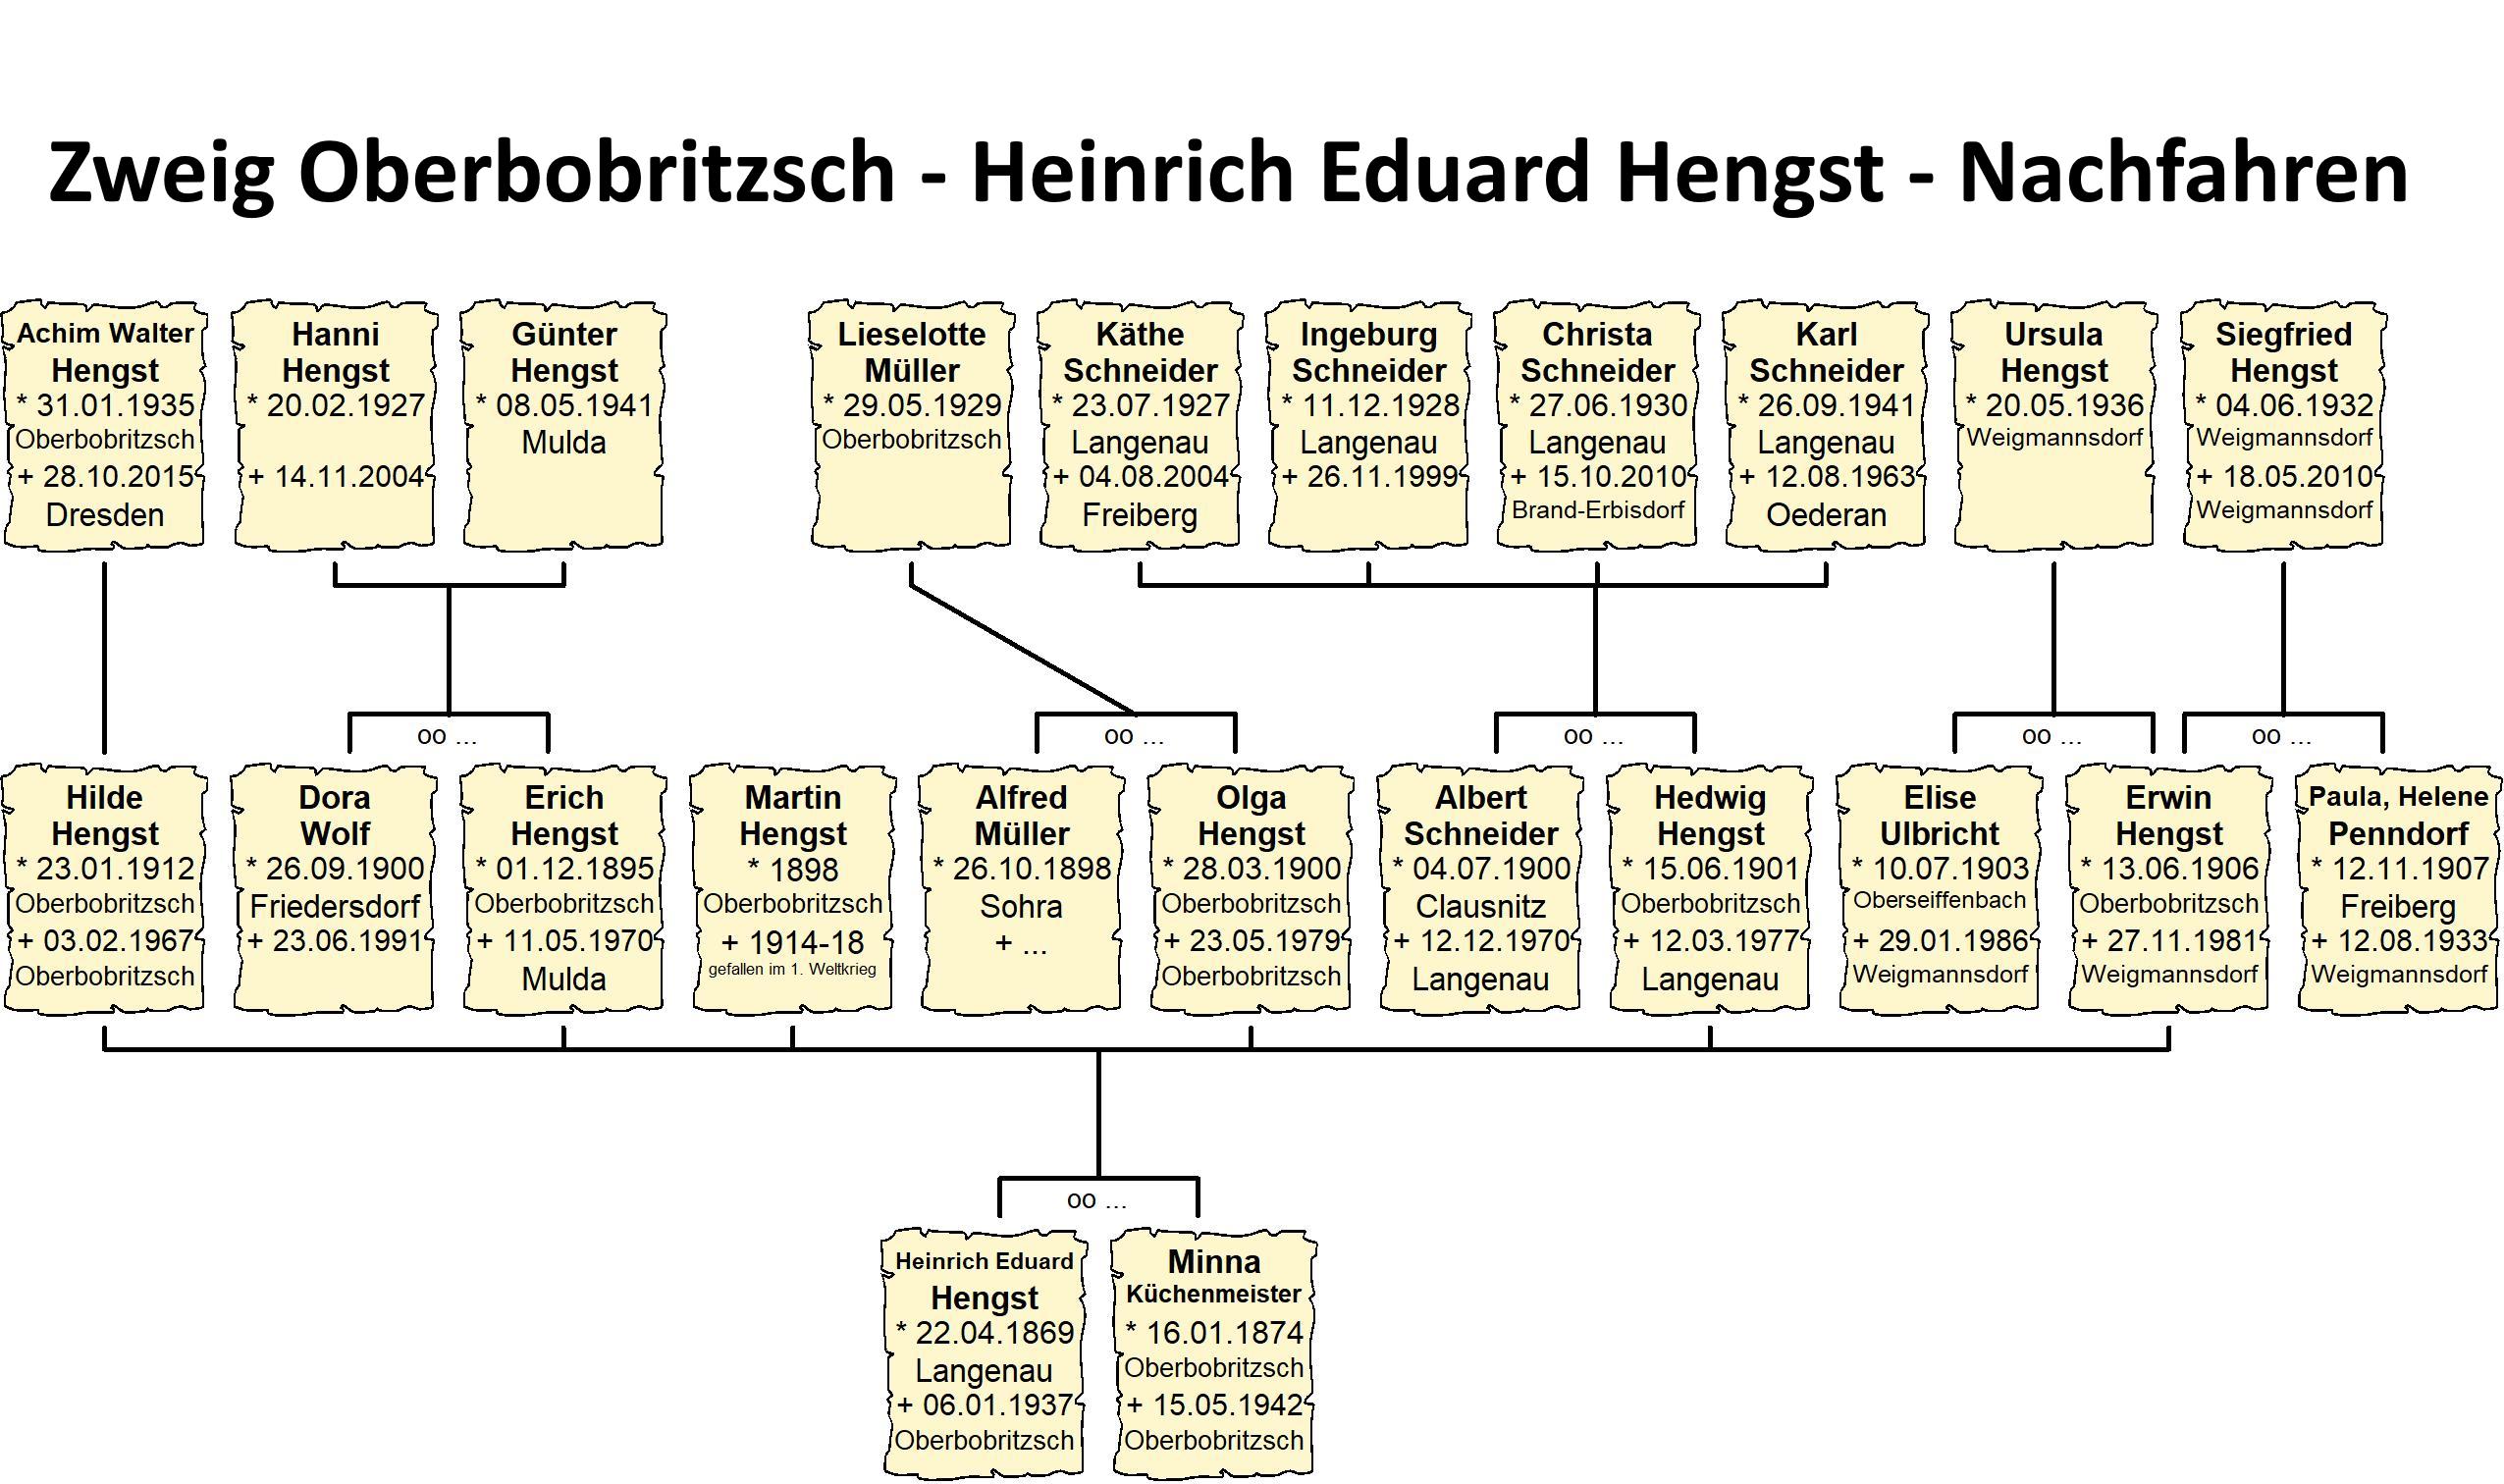 Zweig Oberbobritzsch